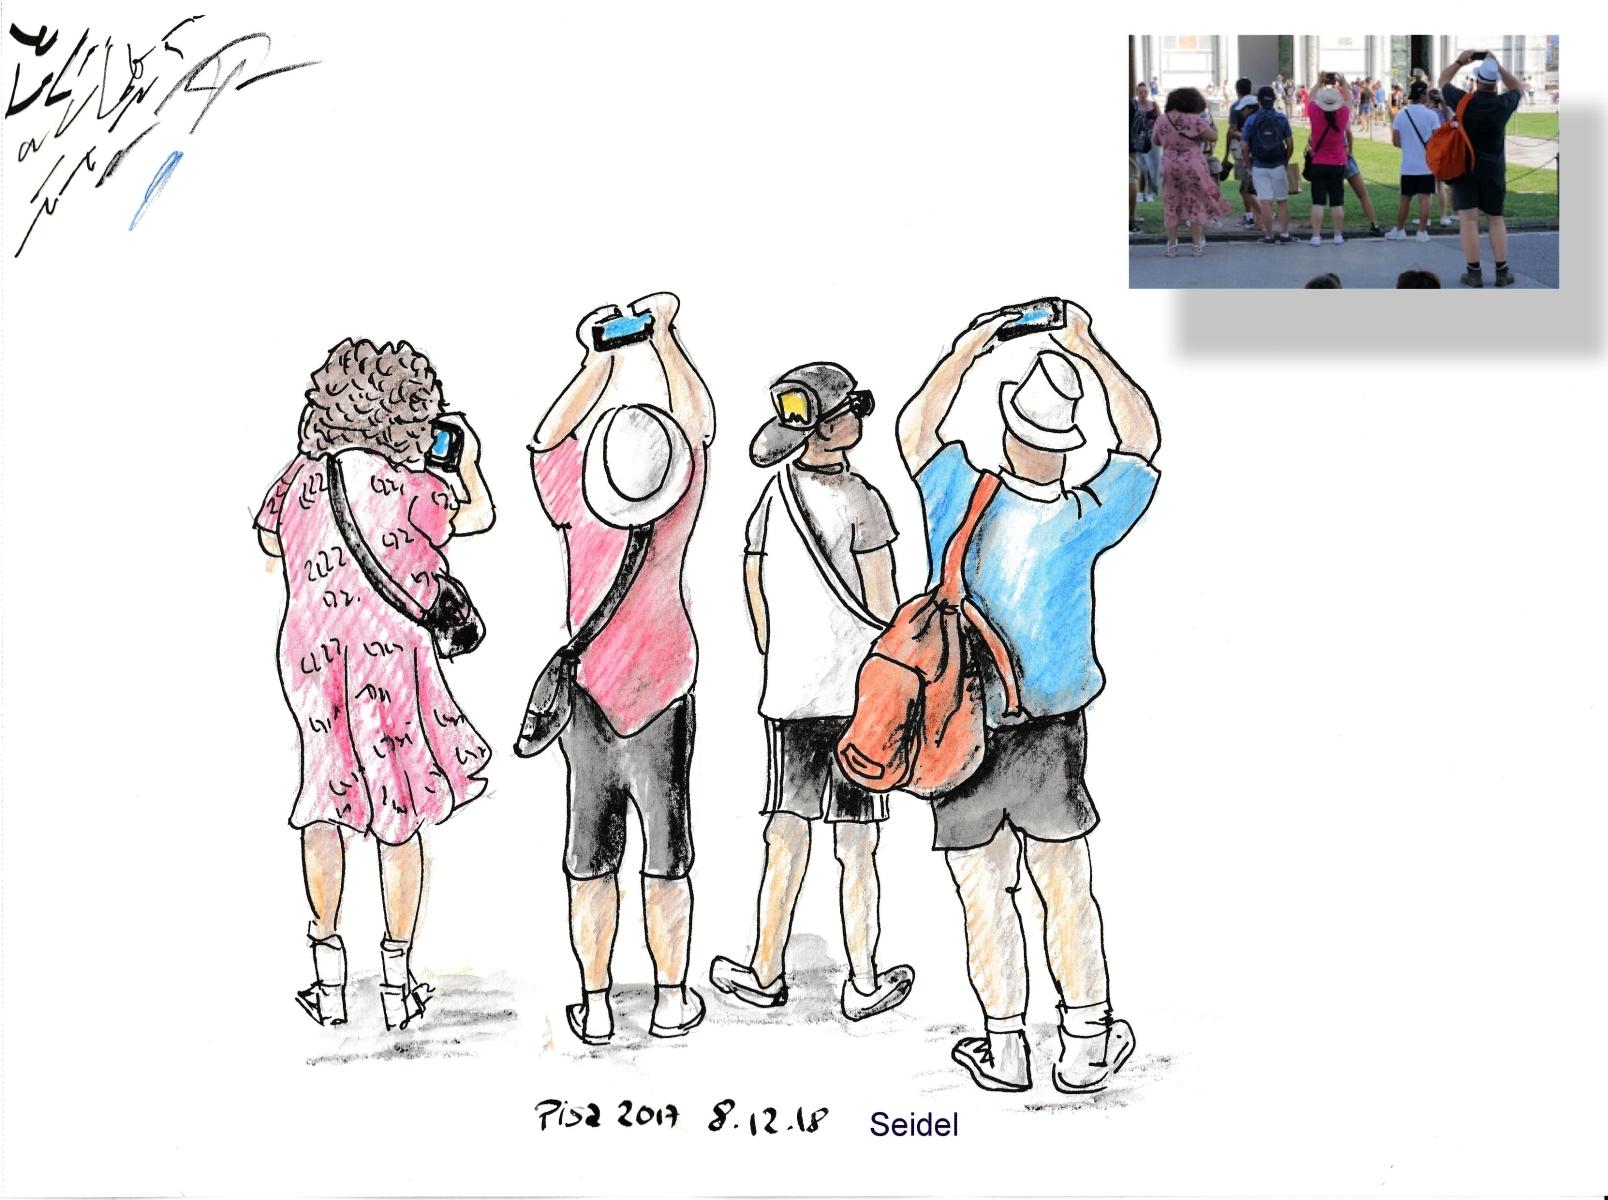 Fototouristen-in-Florenz-2016-mit-foto-fuer-blog